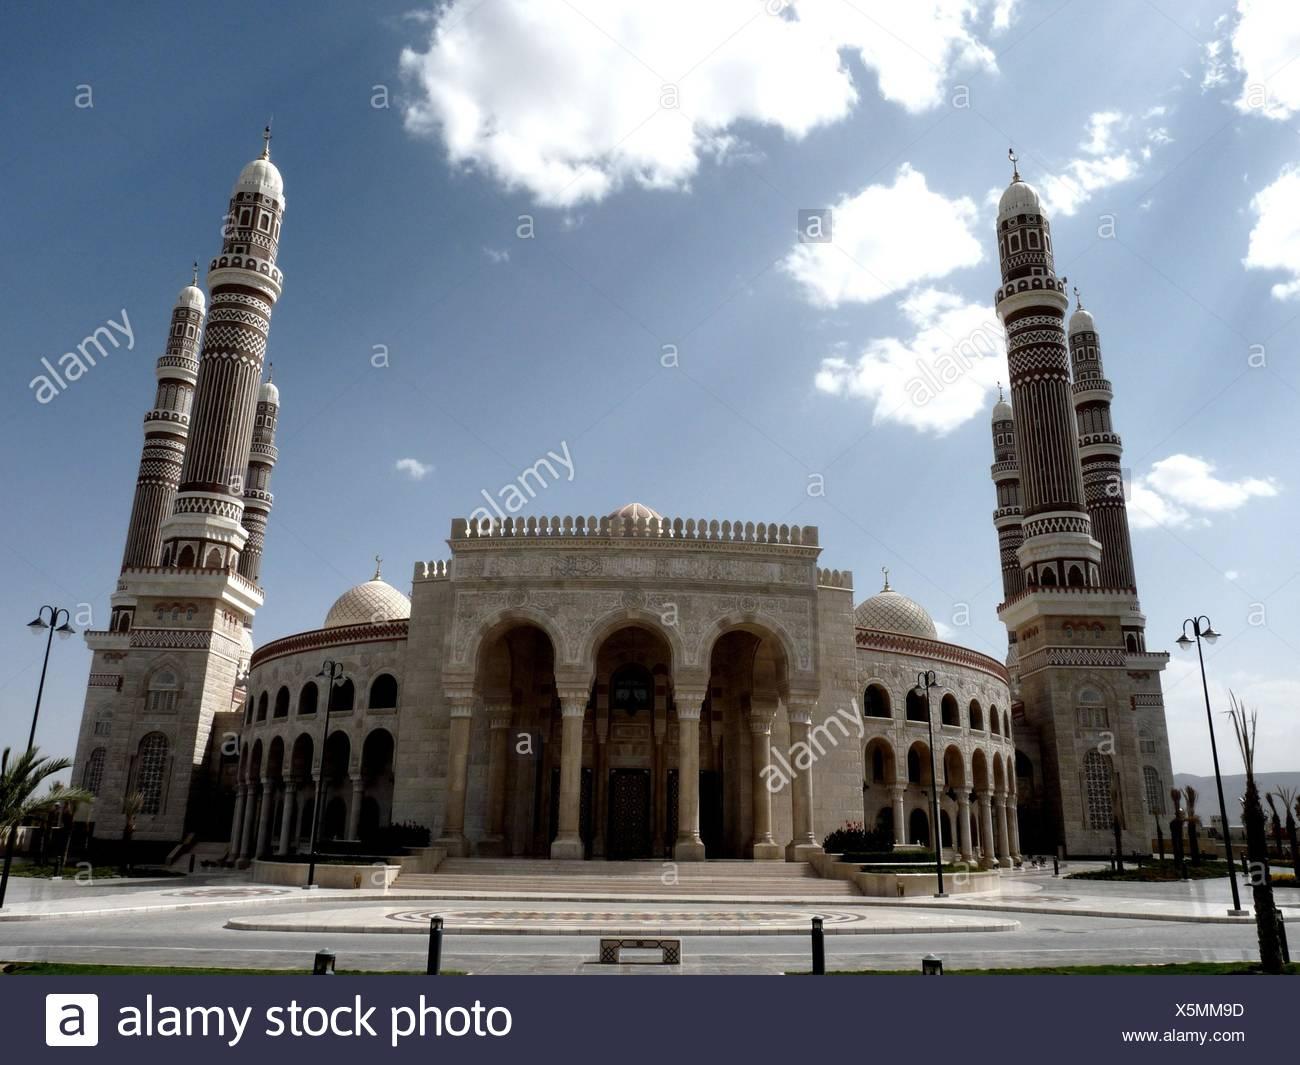 La Credenza Religiosa : Credenza religione islam moschea giovane yemen allah dio cielo